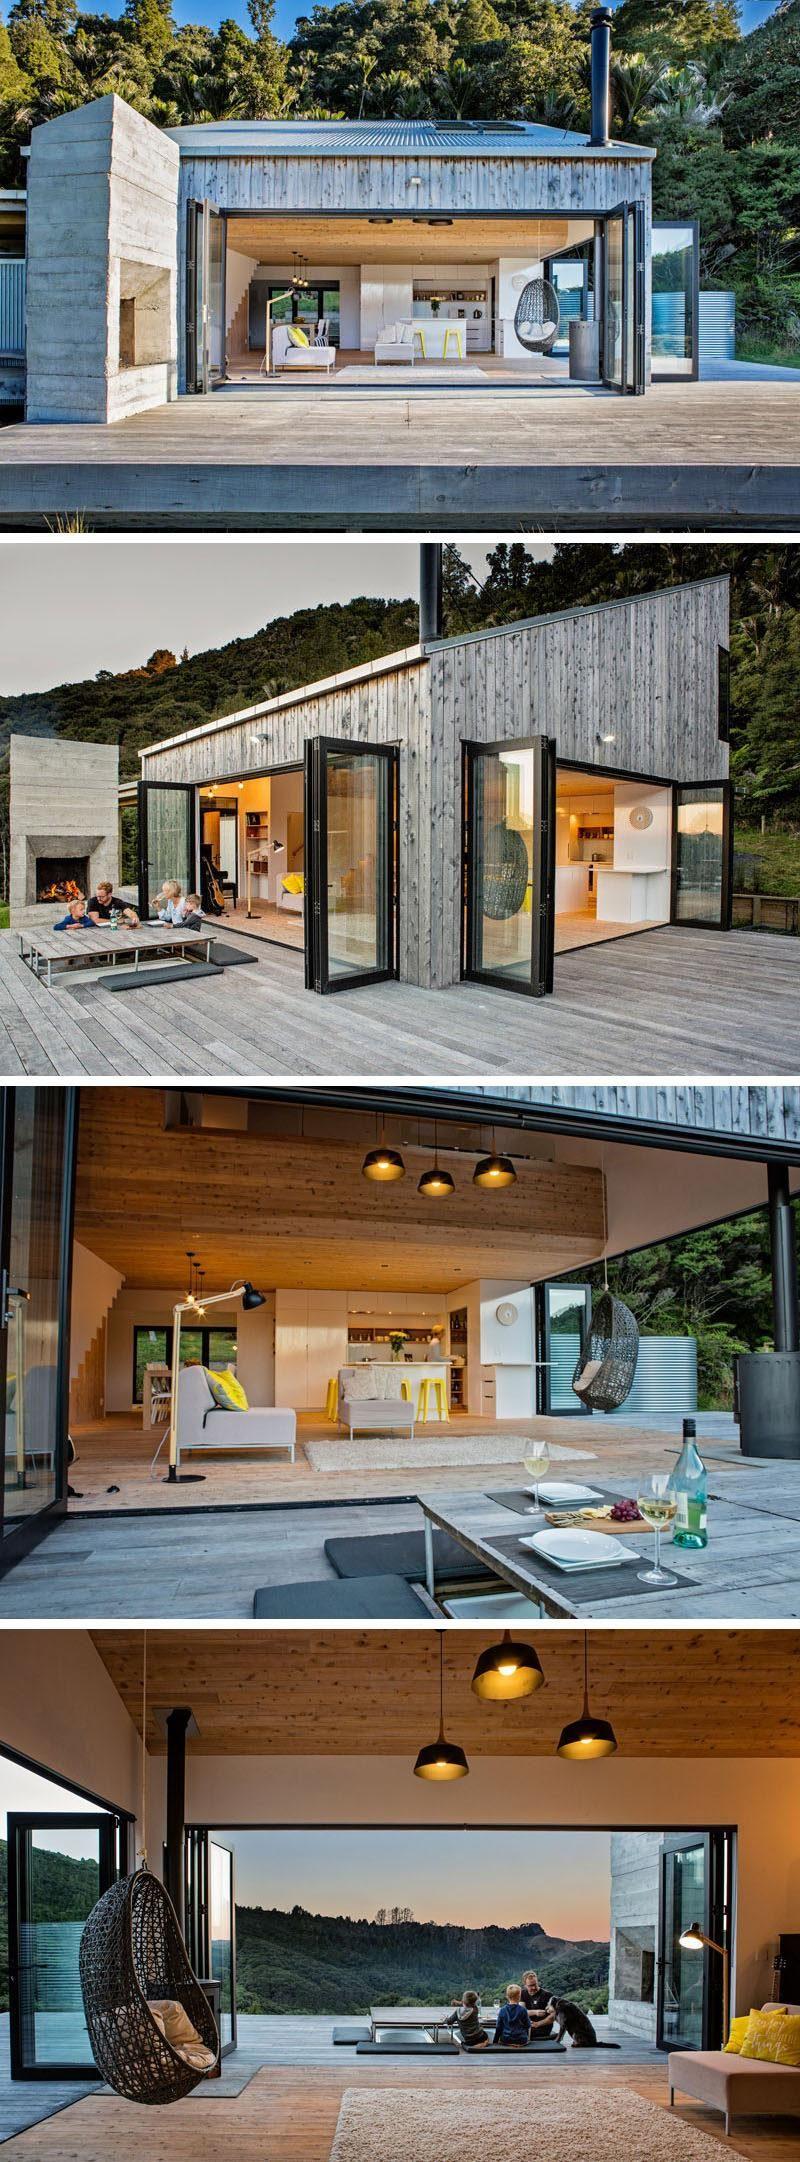 Dieses moderne Haus hat versunkene Badewannen im Deck, während die Abdeckung f…